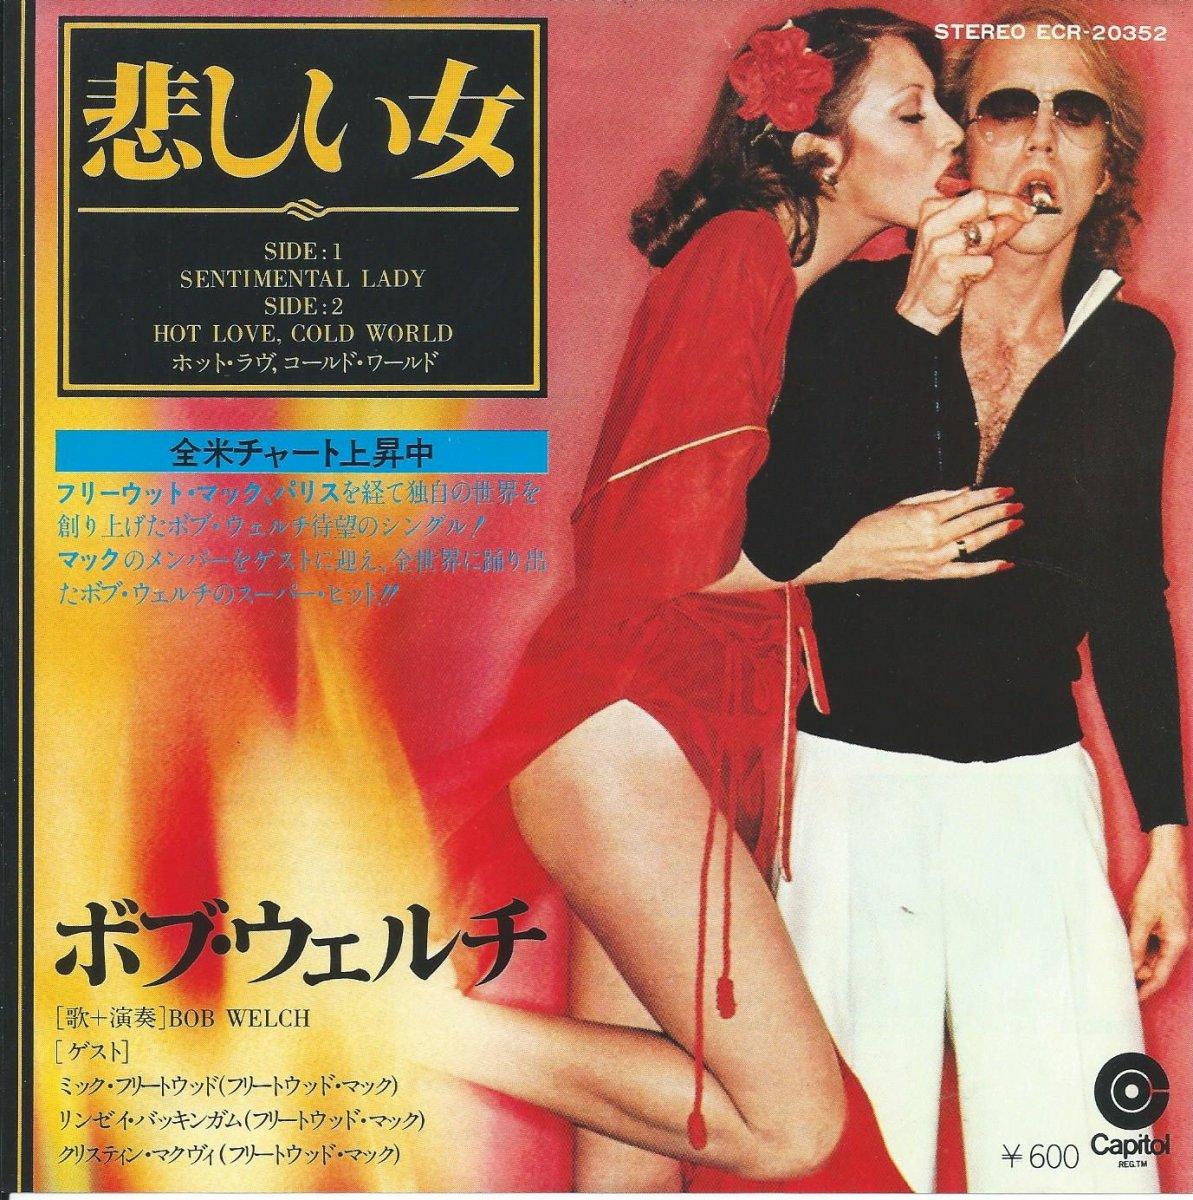 ボブ・ウェルチ BOB WELCH / 悲しい女 SENTIMENTAL LADY / ホット・ラヴ、コールド・ワールド HOT LOVE,COLD WORLD (7